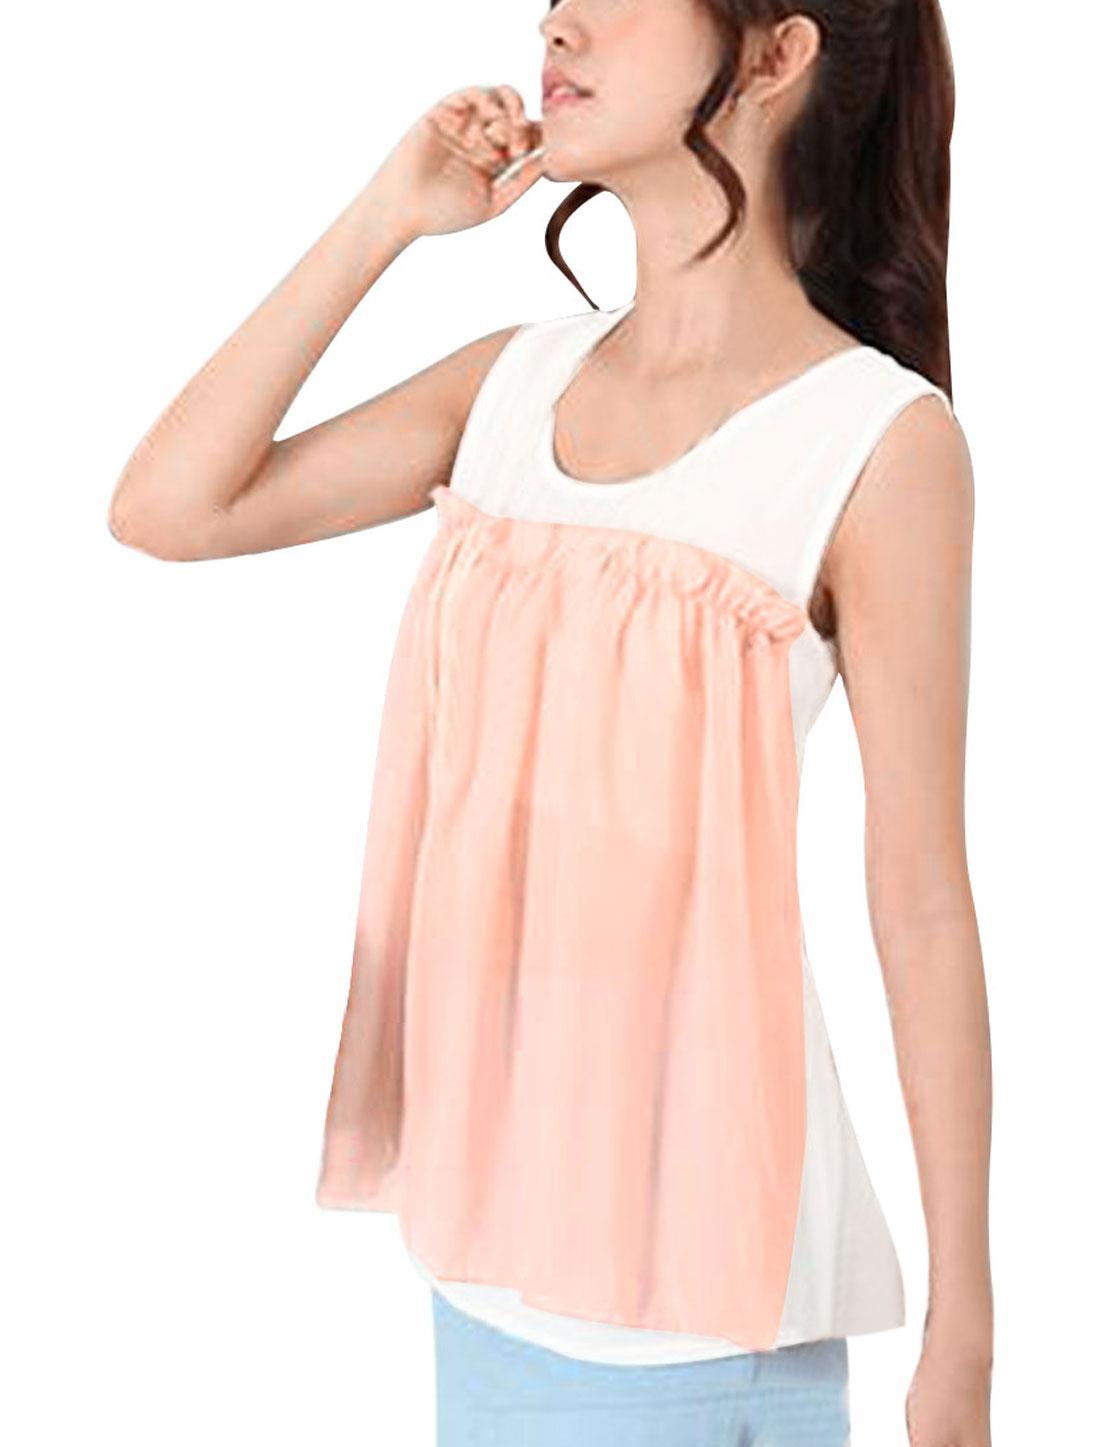 Lady Sleeveless Chiffon Semi-sheer Ruffle Detail White Light Pink Top XS